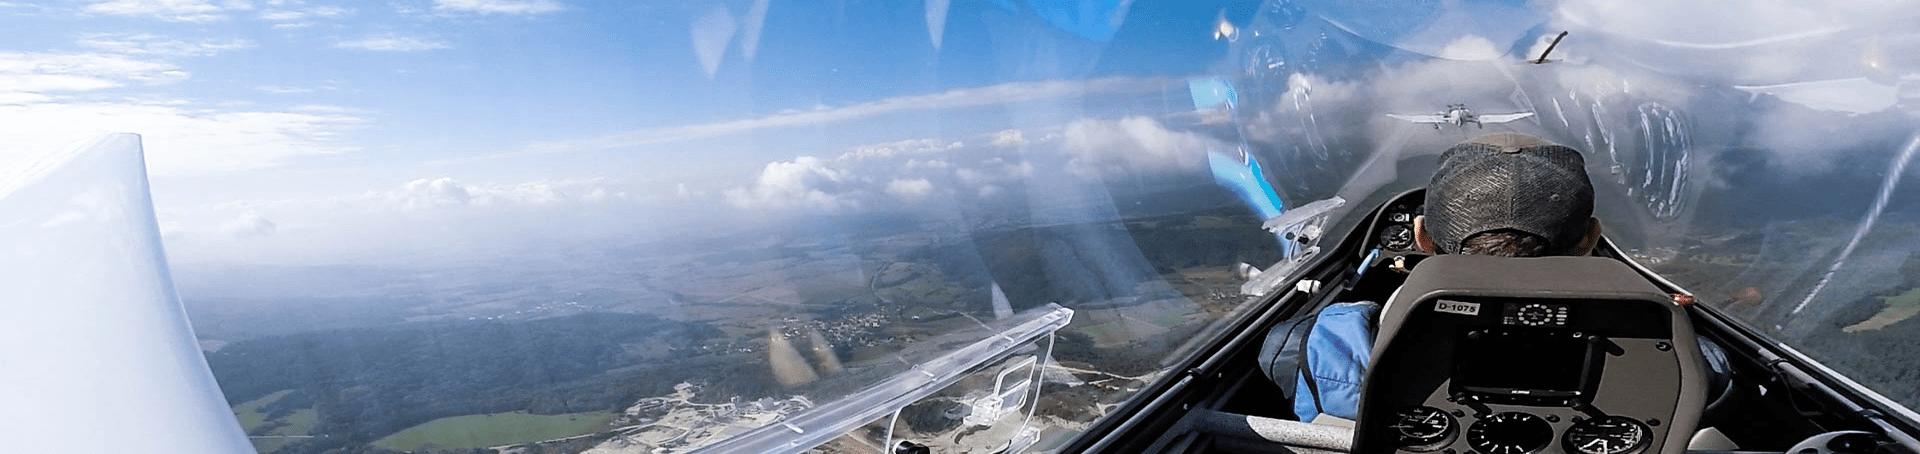 Der Ausblick aus der Luft beim Segelfliegen bei 2000 Meter Höhe